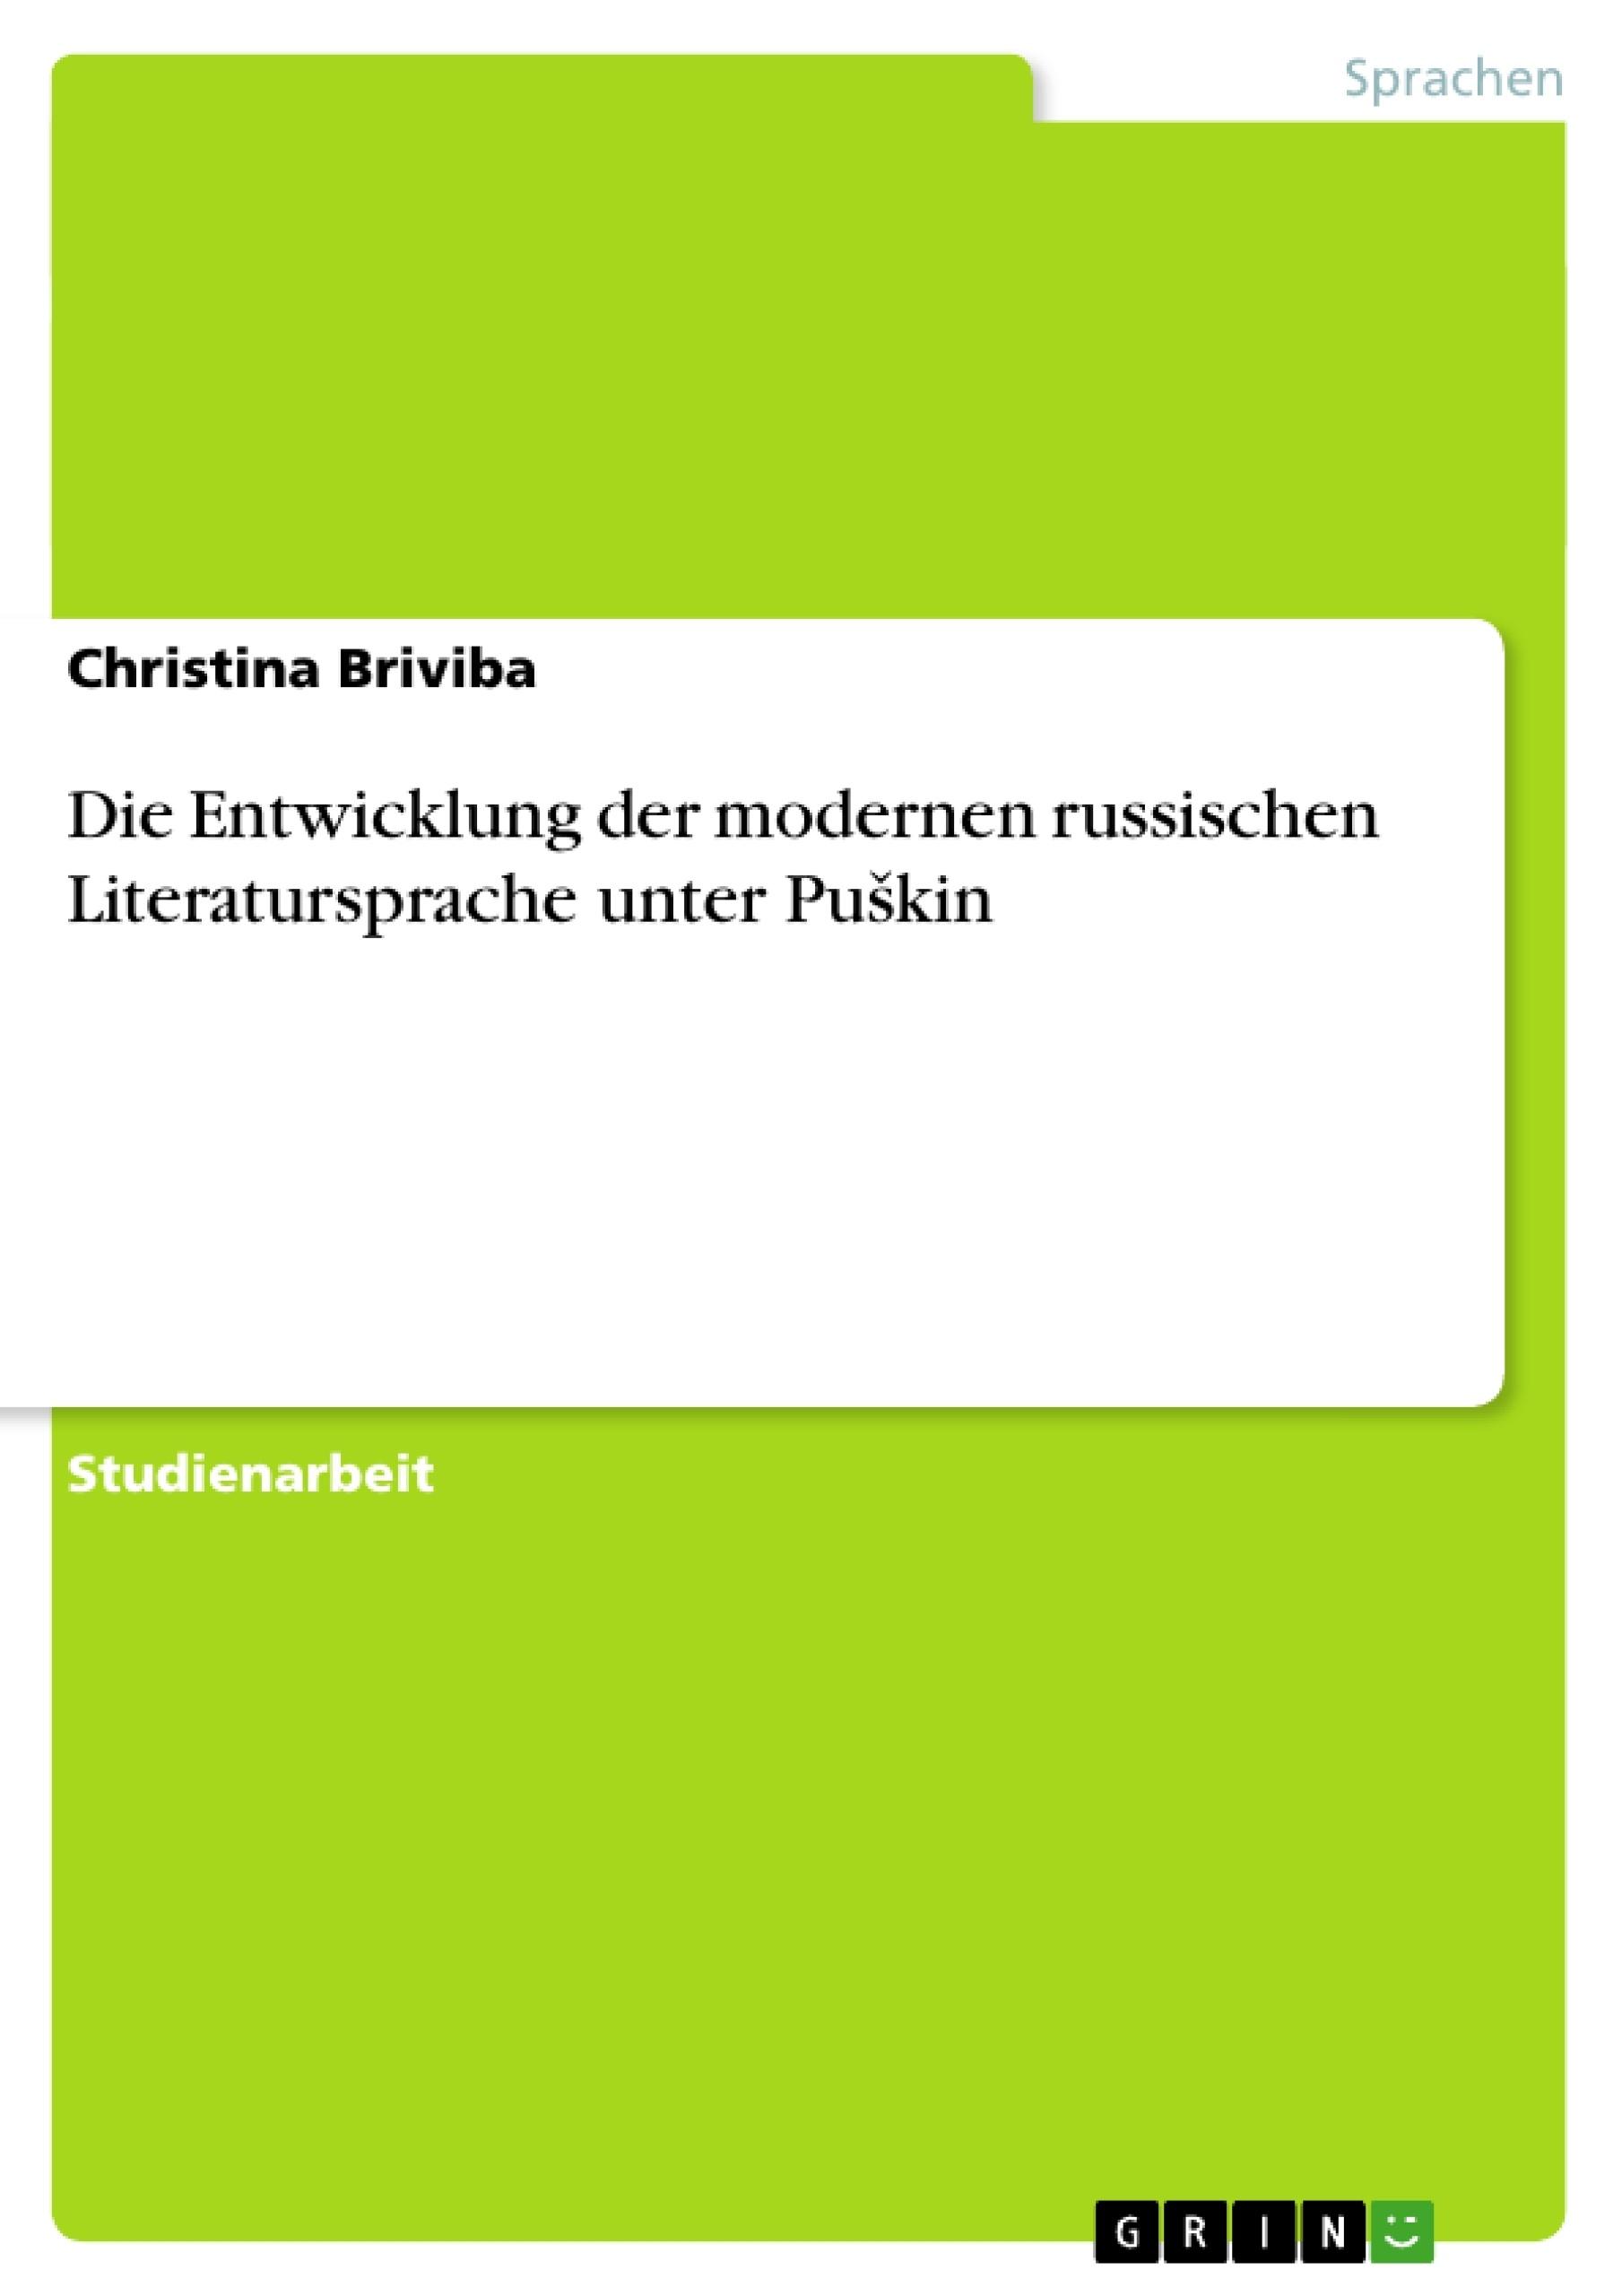 Titel: Die Entwicklung der modernen russischen Literatursprache unter Puškin